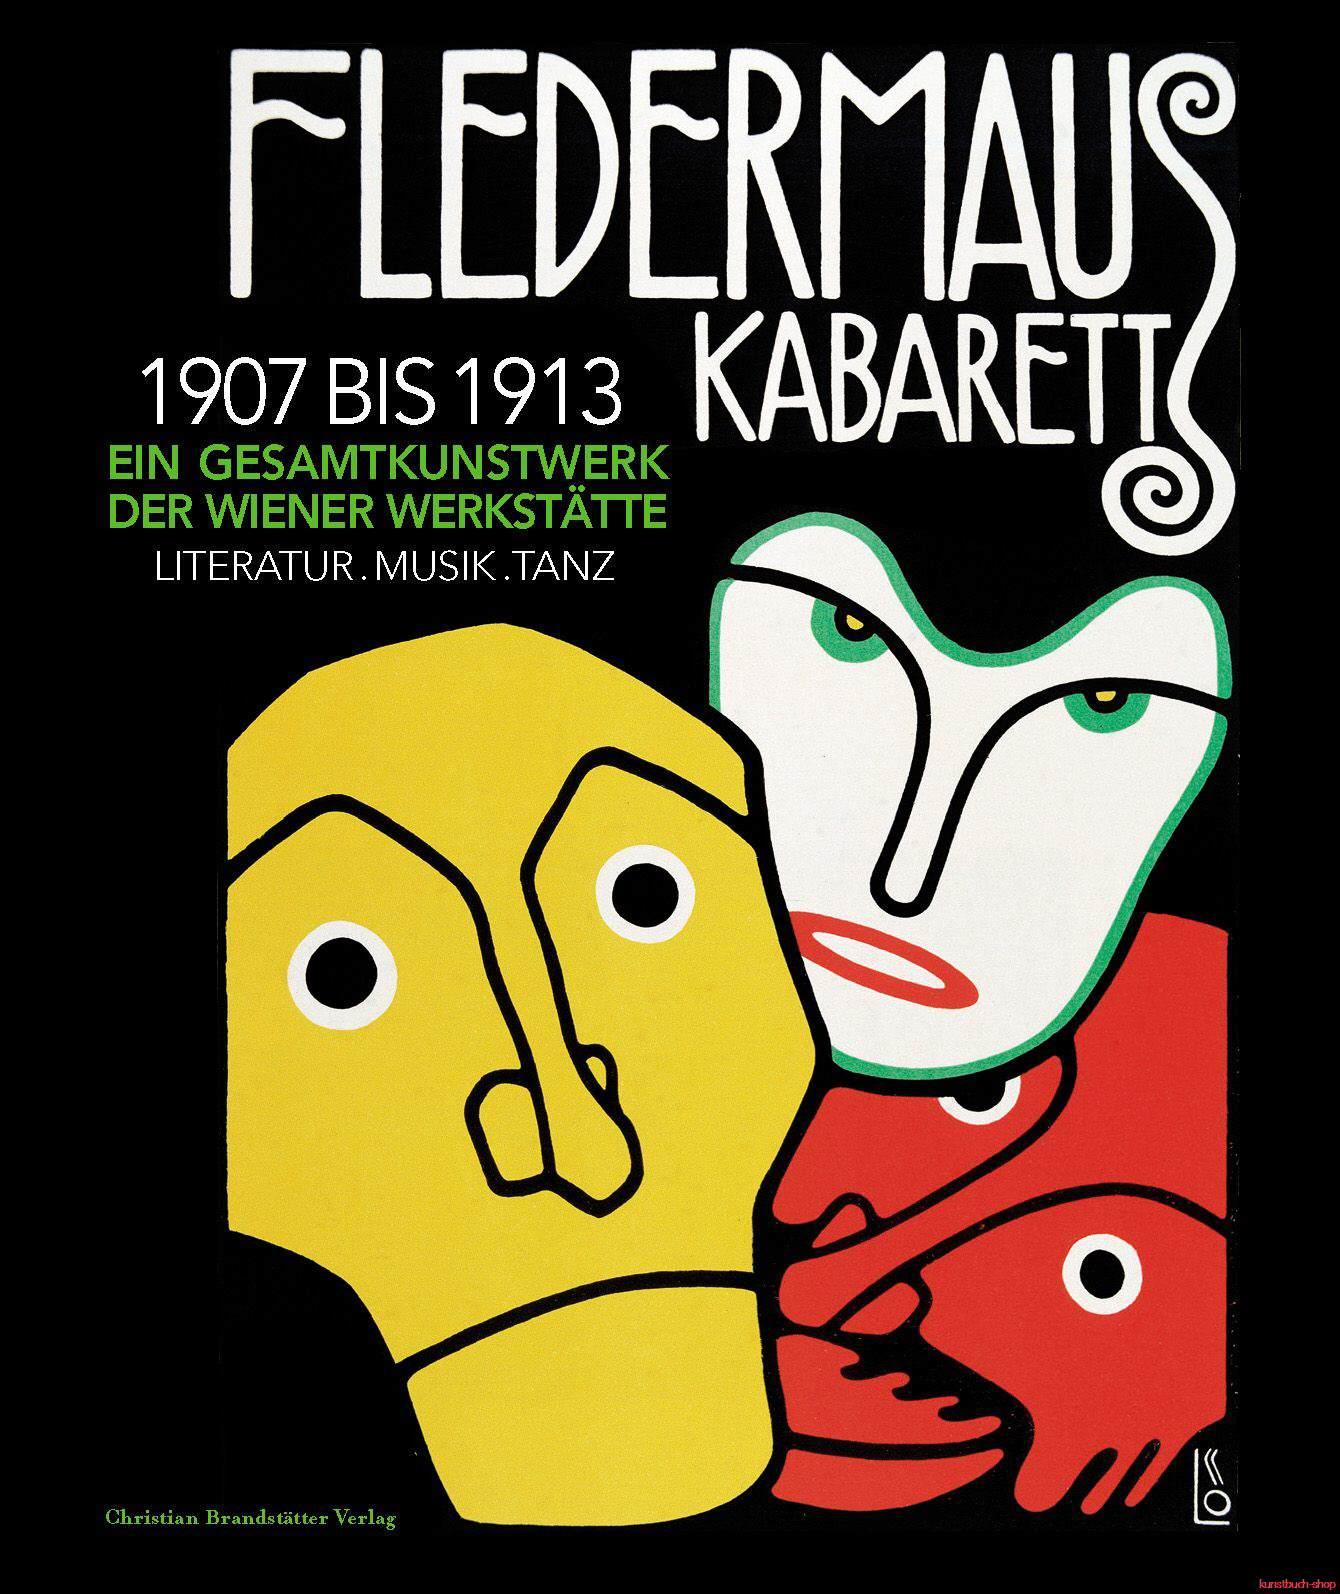 Kabarett Fledermaus 1907 bis 1913 - Ein Gesamtkunstwerk der Wiener Werkstätte - Michael Buhrs, Barbara Lesák, Thomas Trabitsch